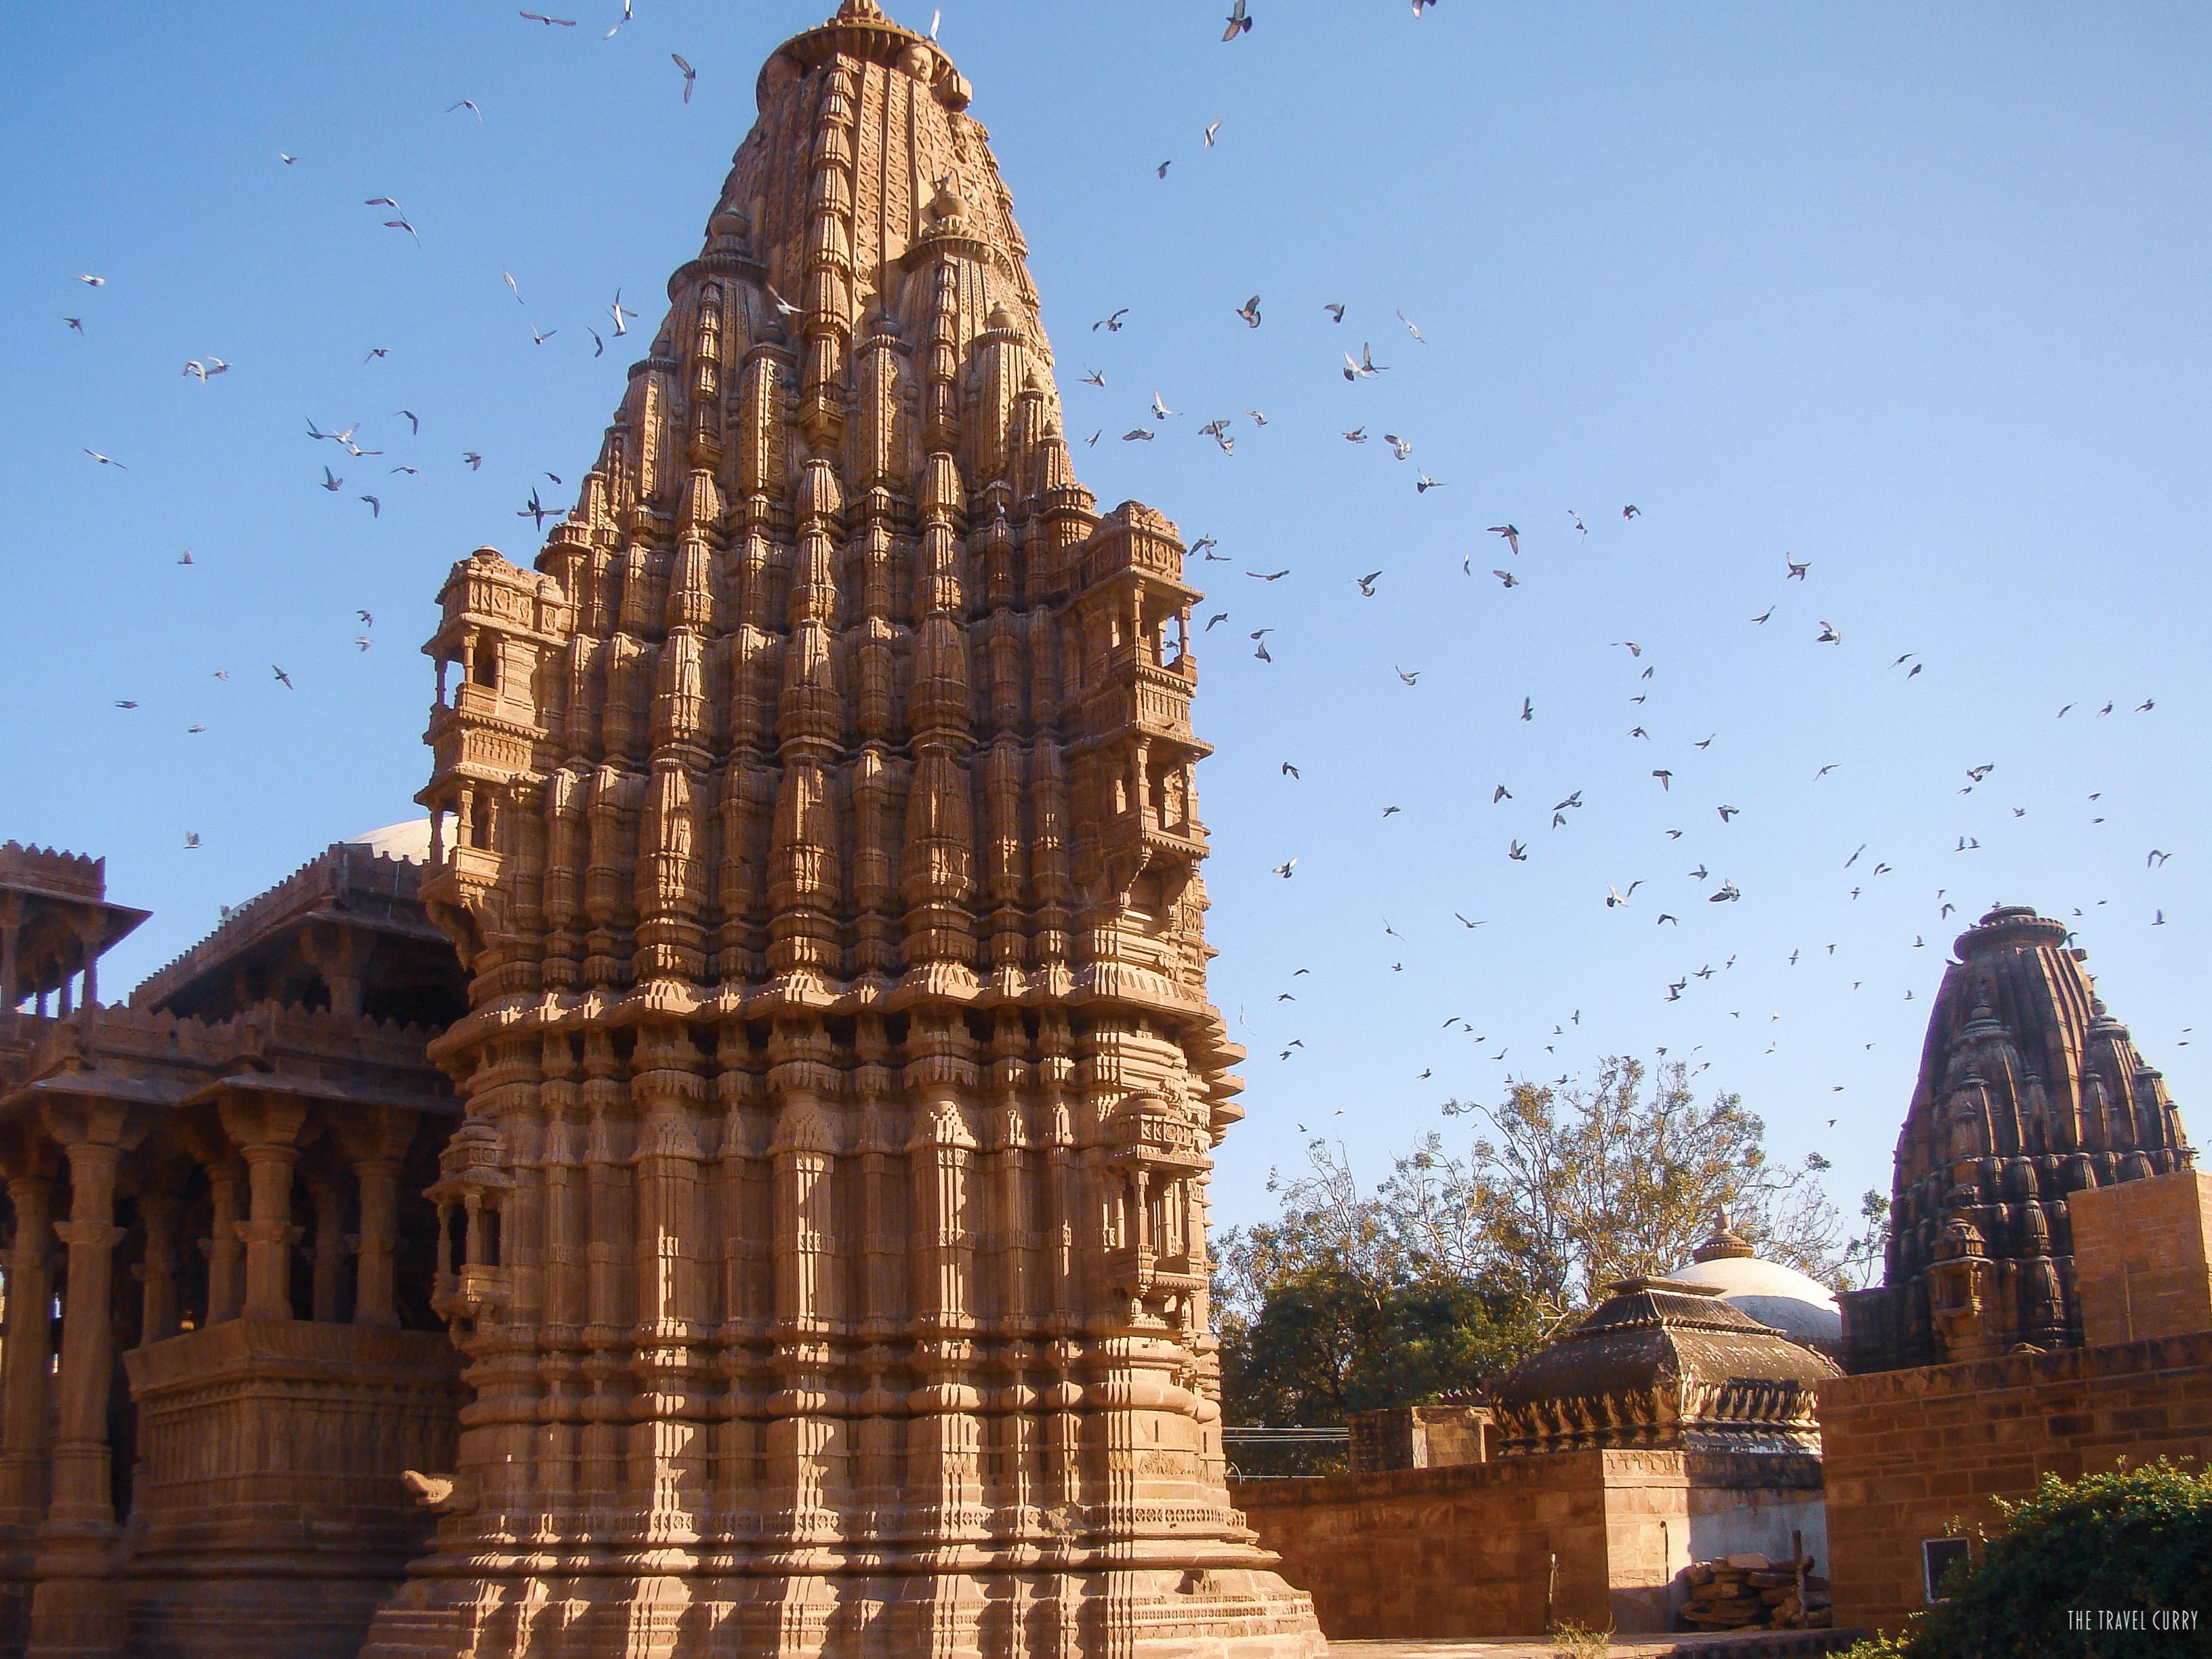 The smaller chhatri